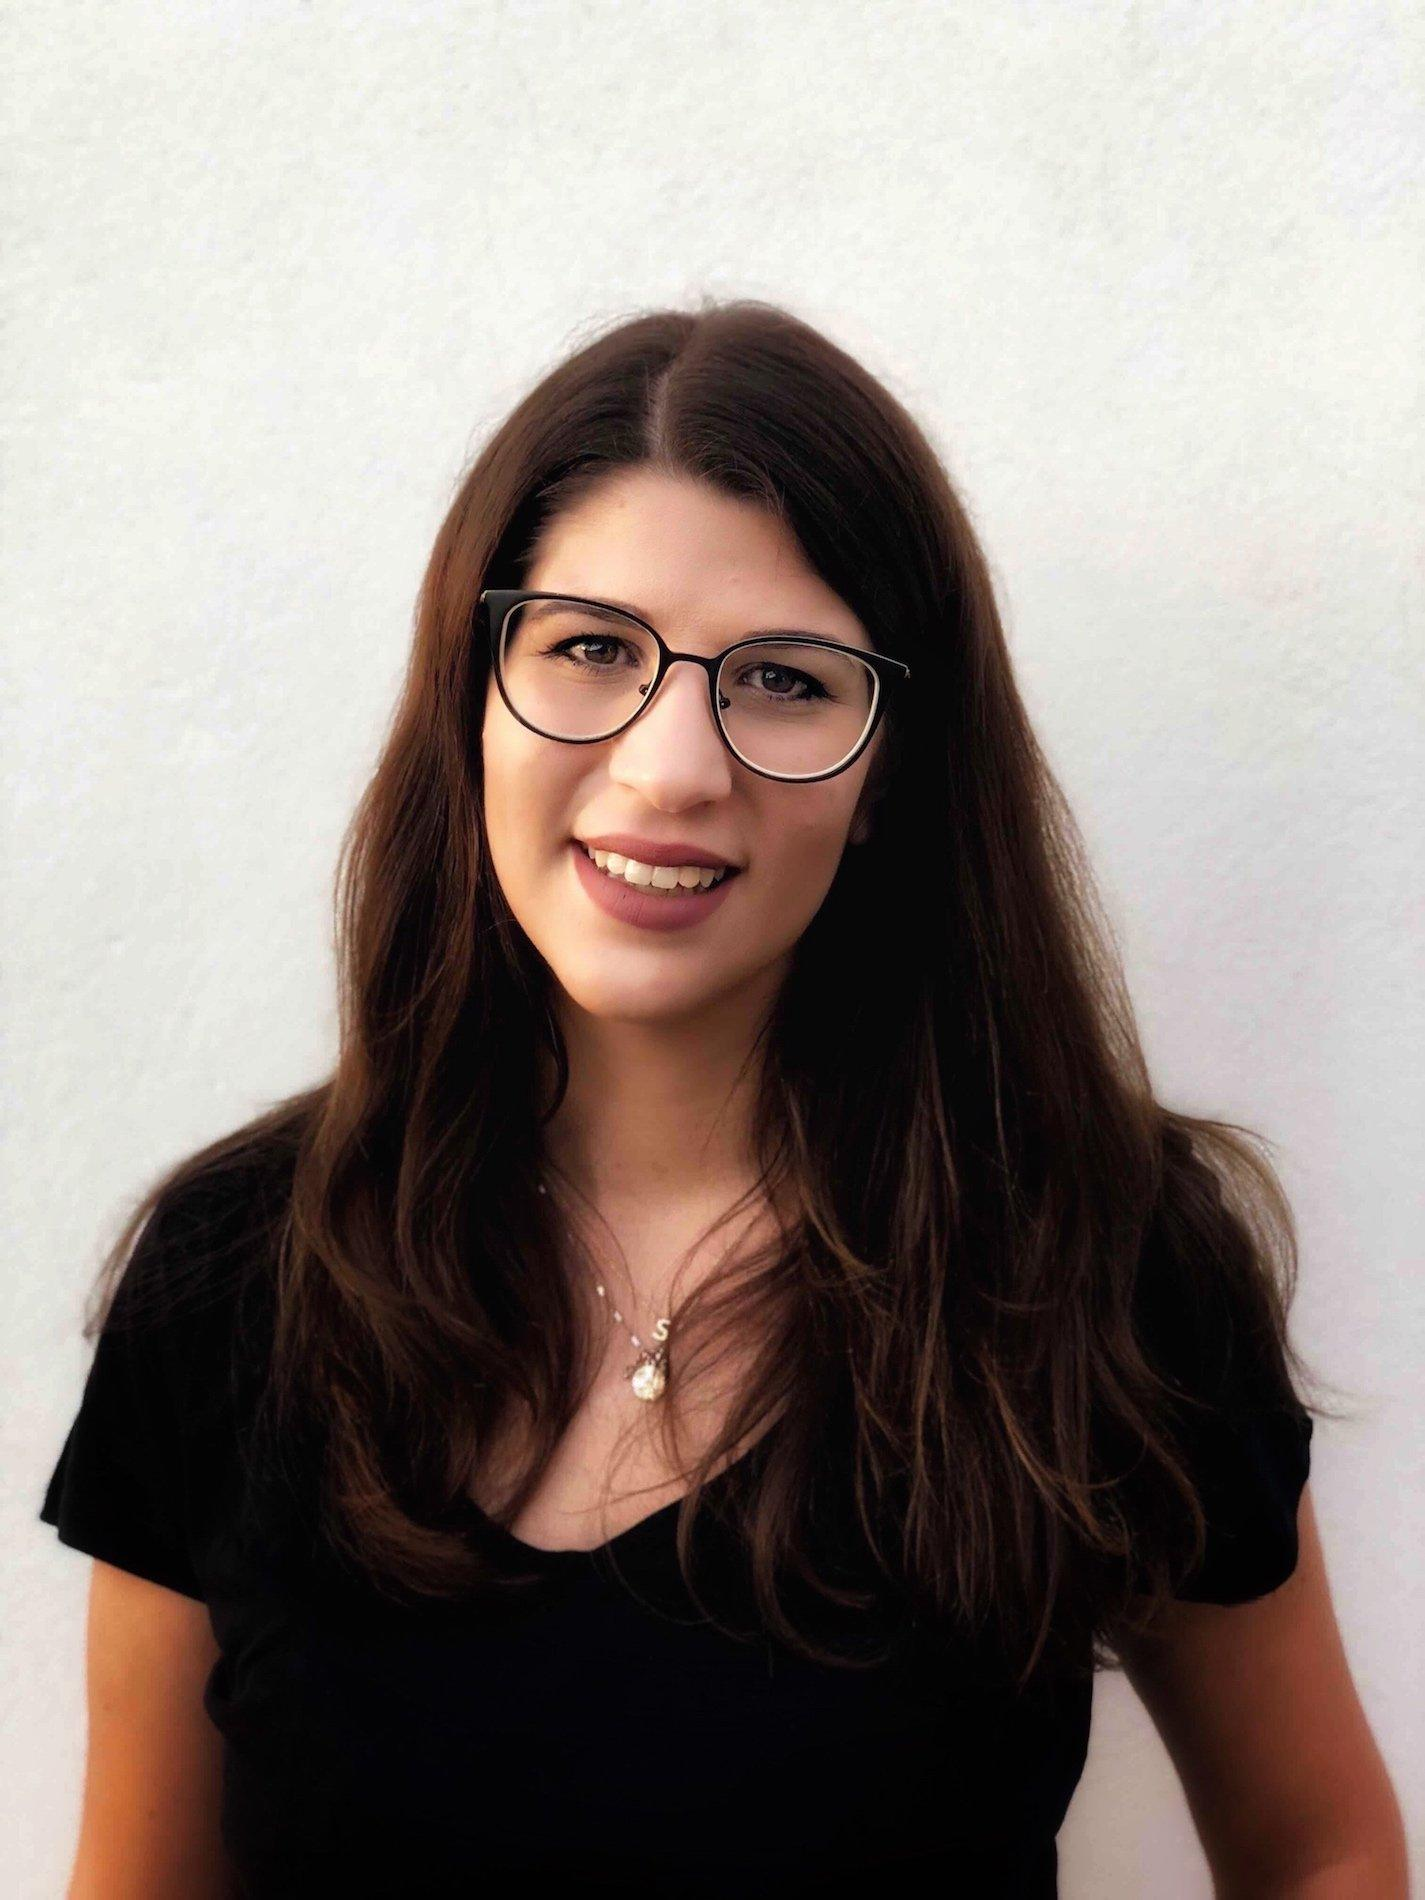 Silvia Senese